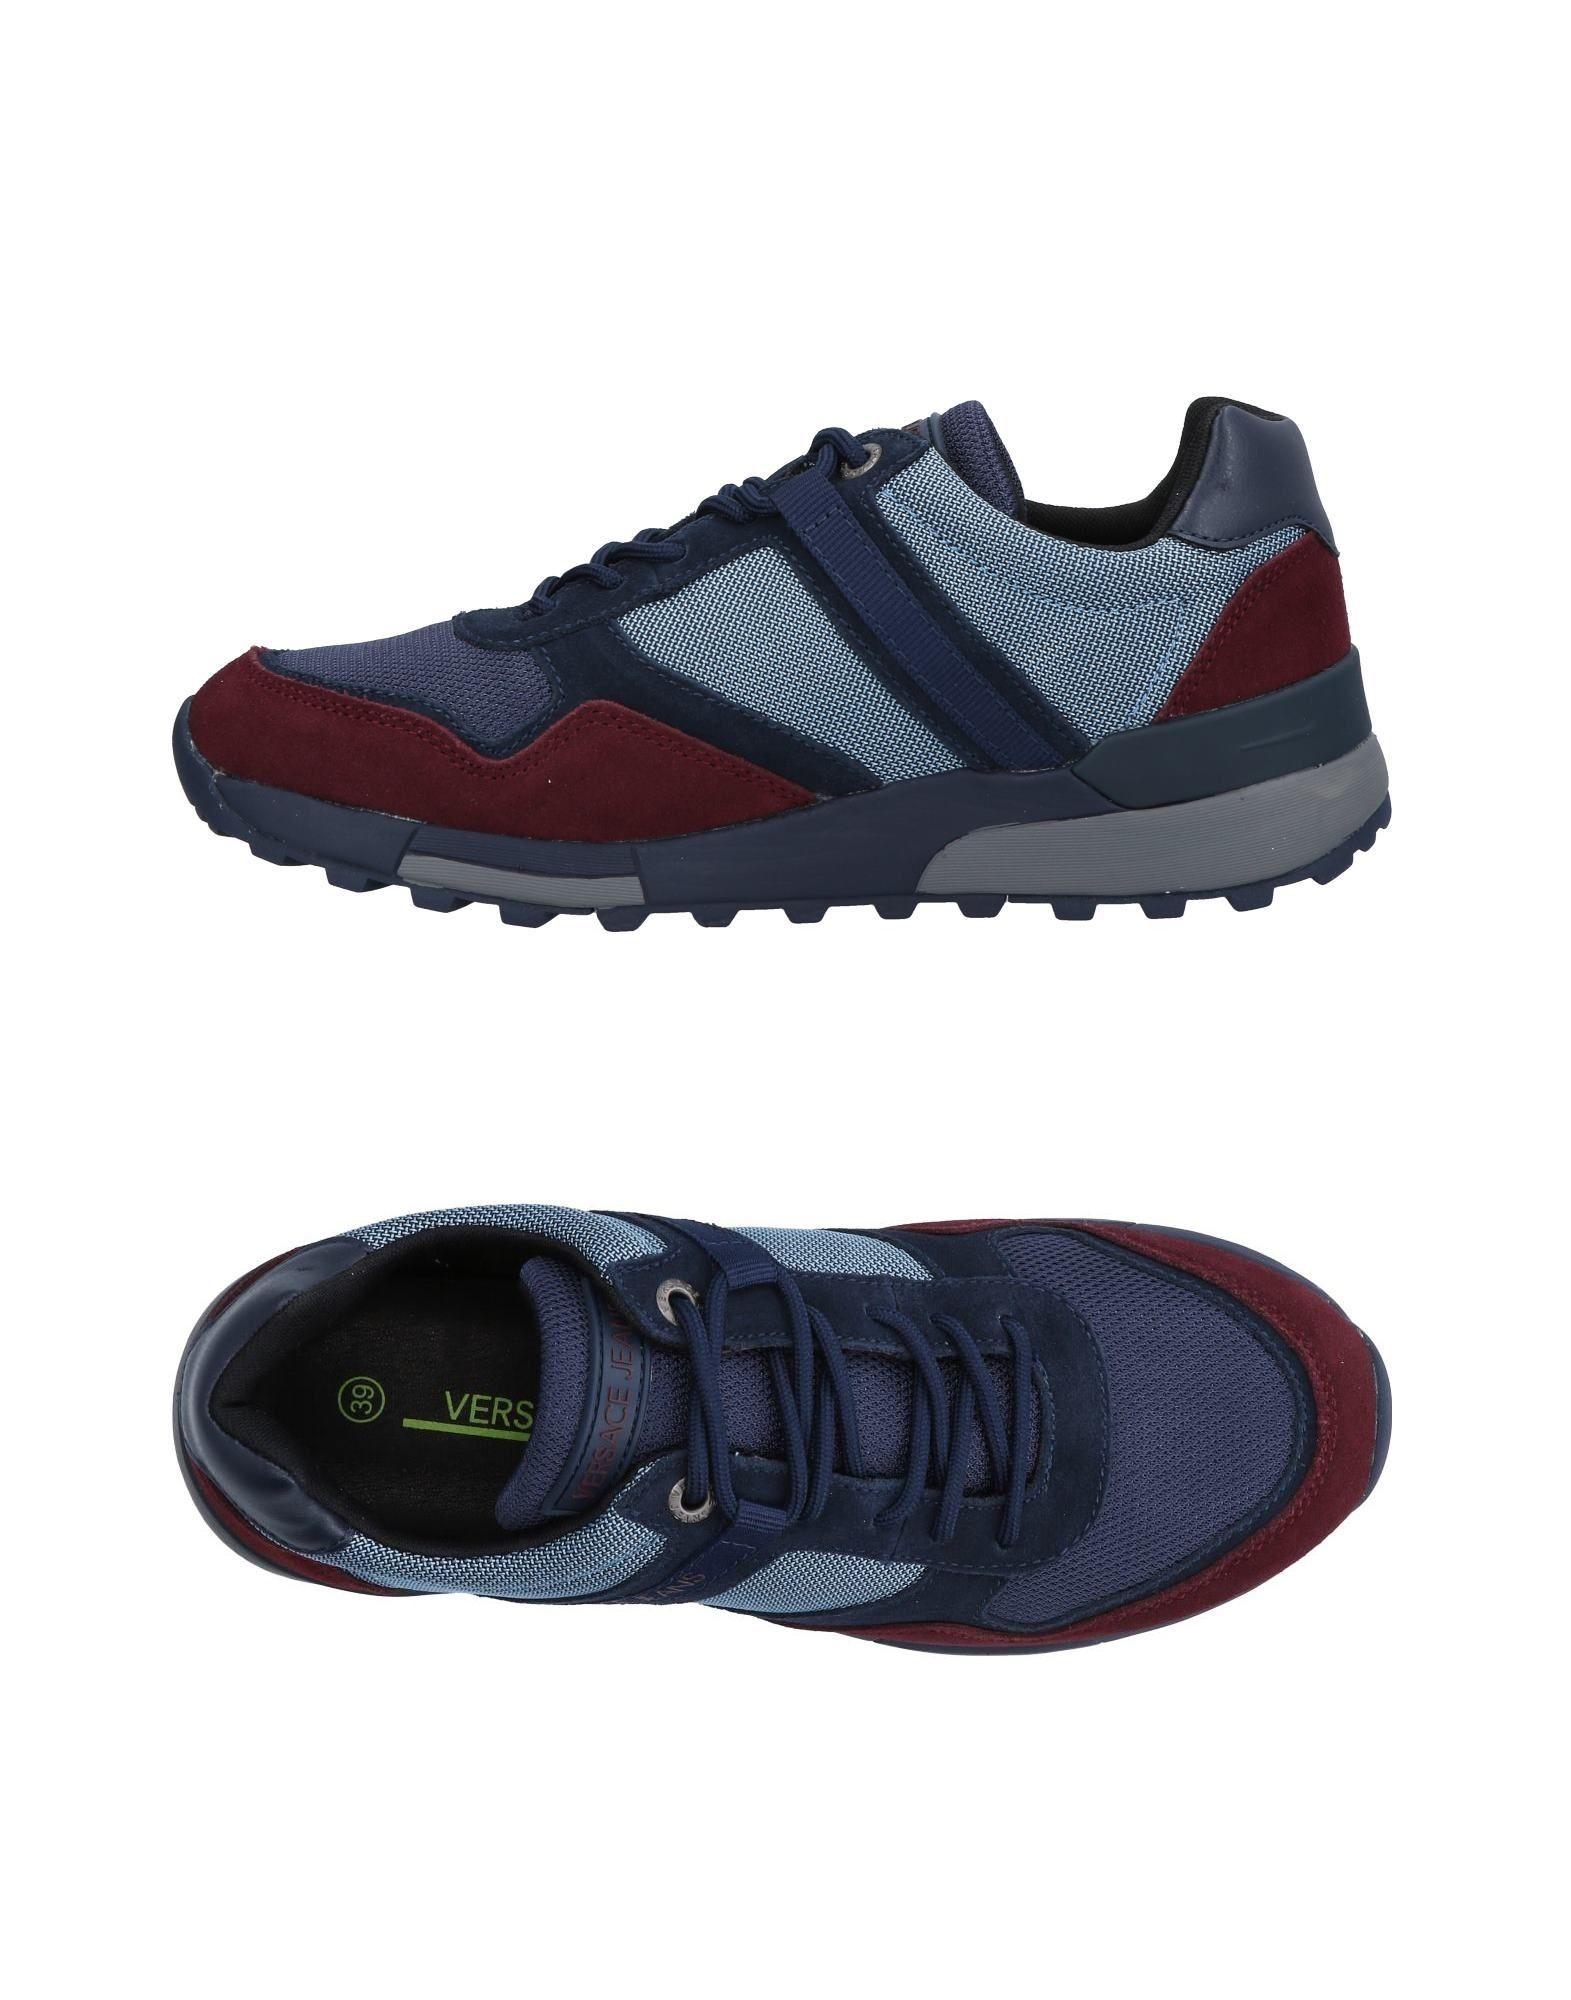 Versace Jeans Sneakers - Men Versace  Jeans Sneakers online on  Versace United Kingdom - 11463354DK 16af83